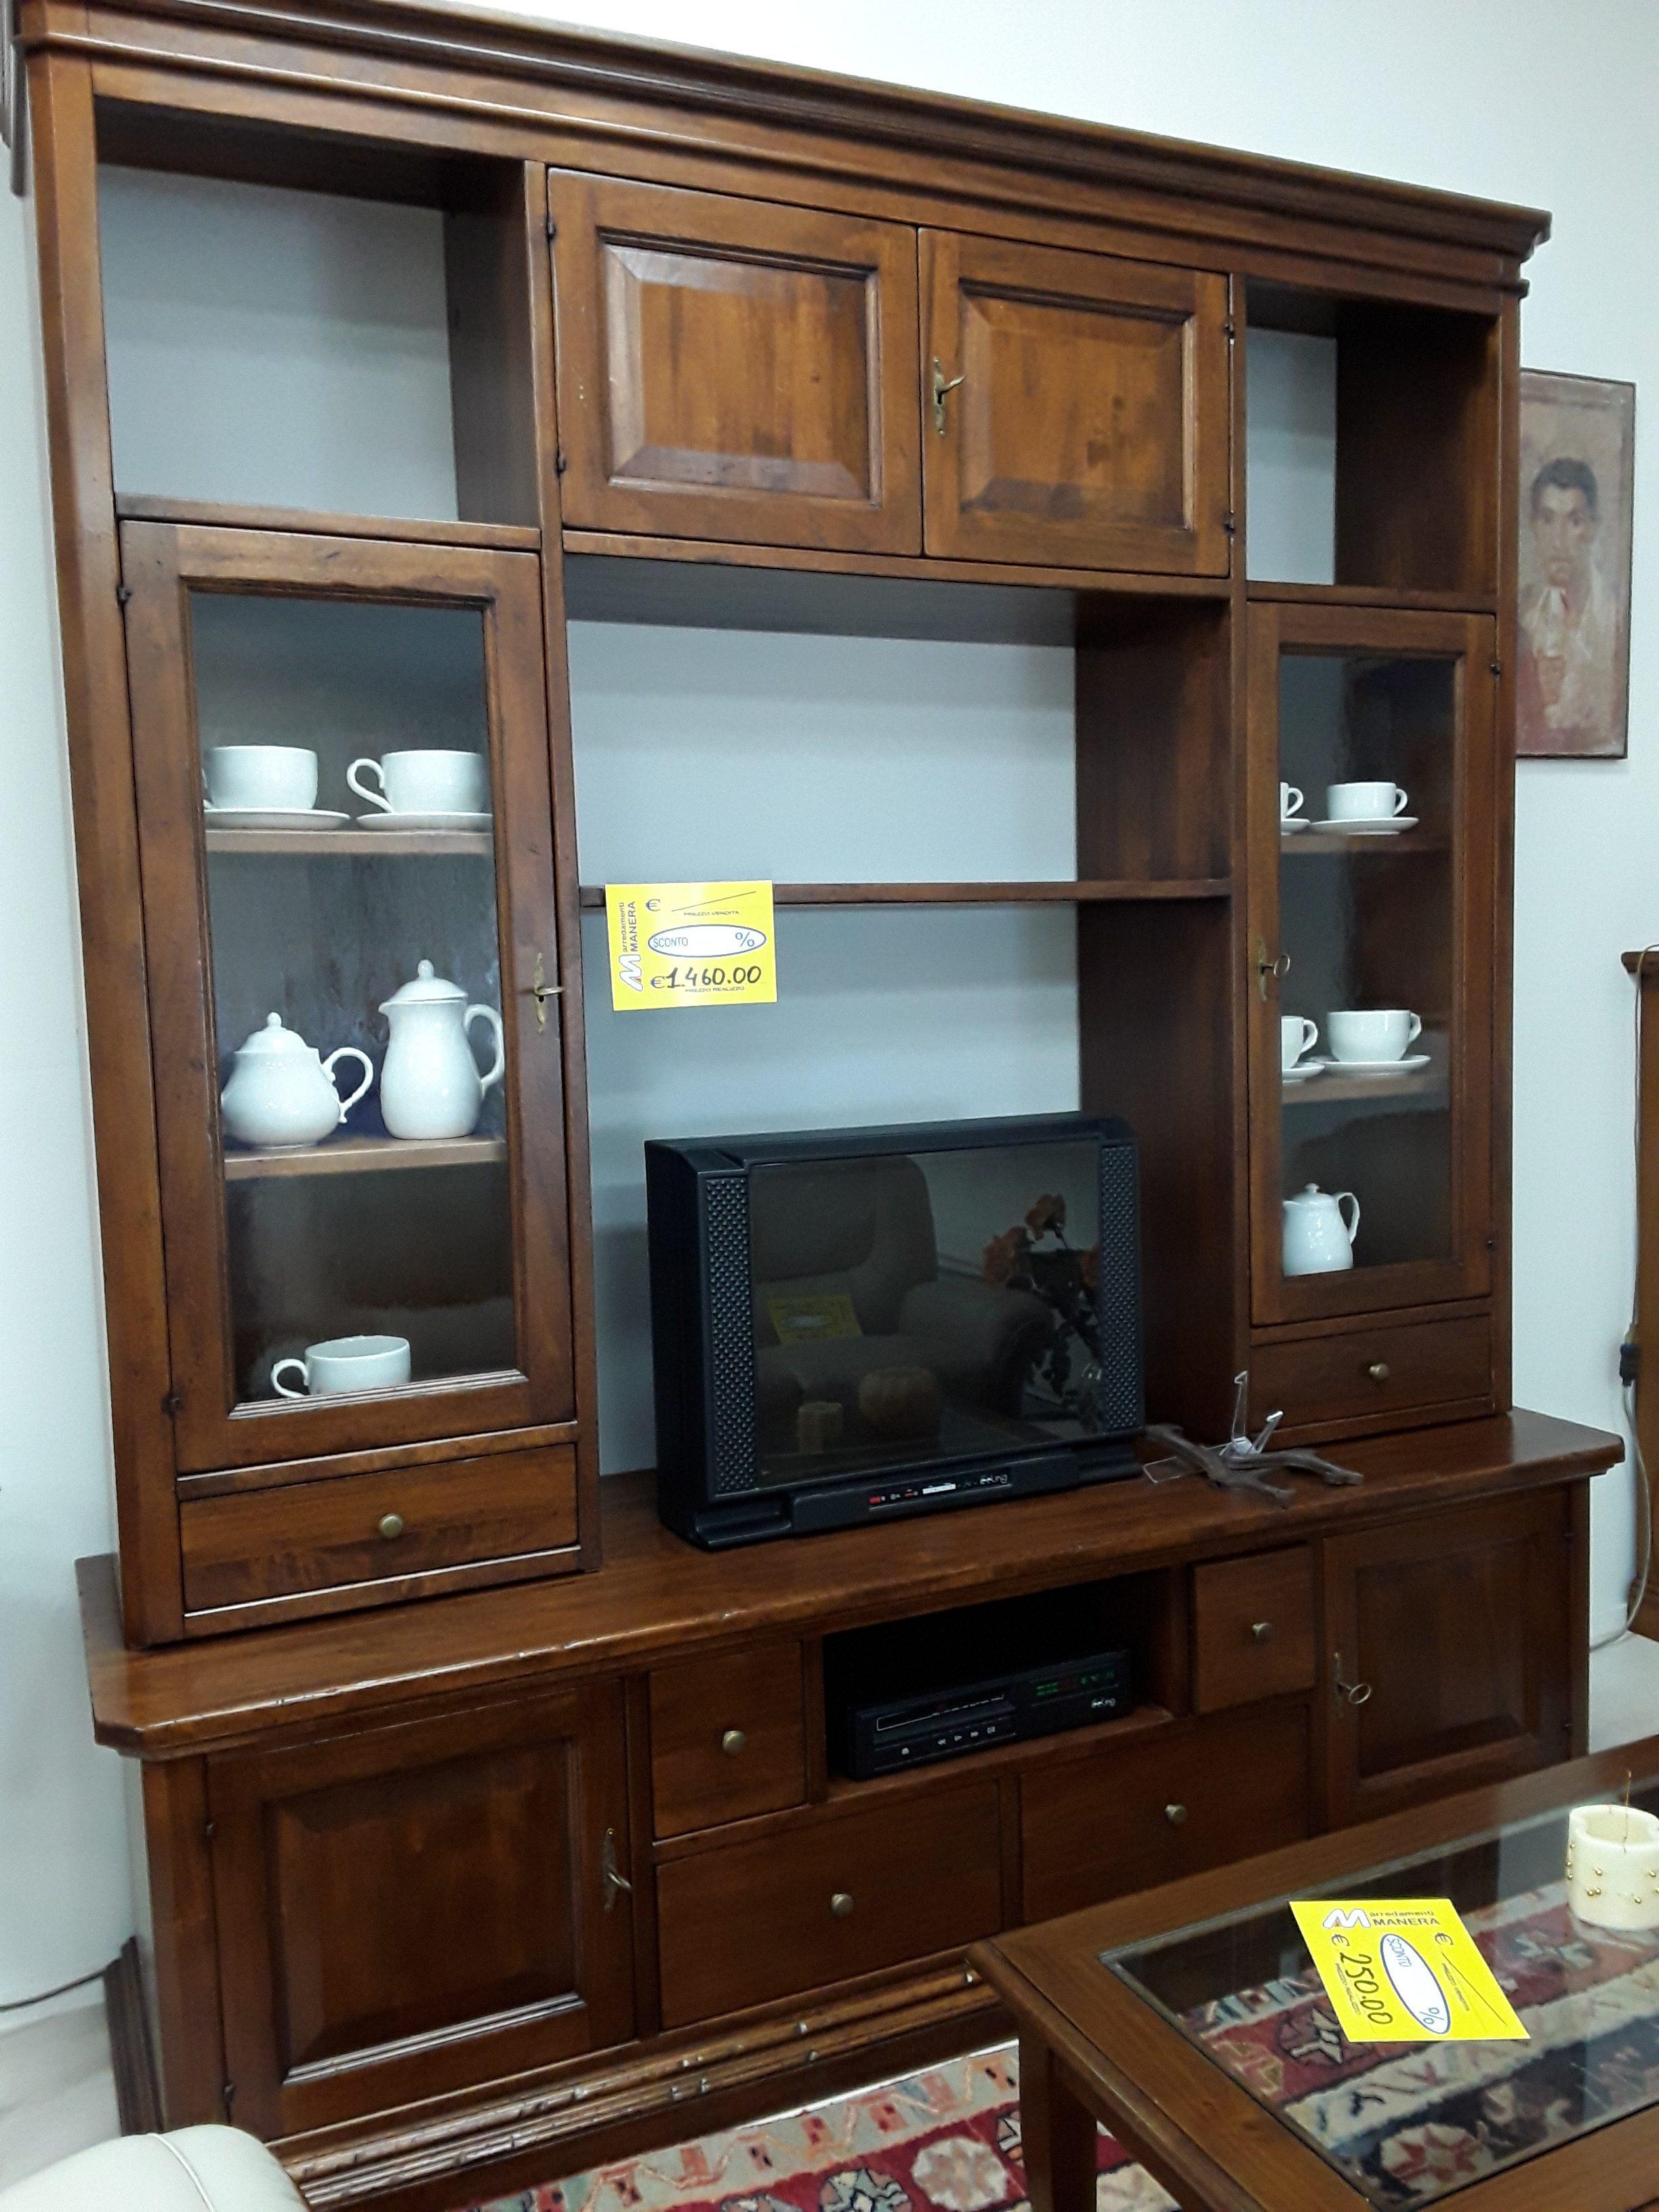 Soggiorno Classico in legno - Arredamenti Manera